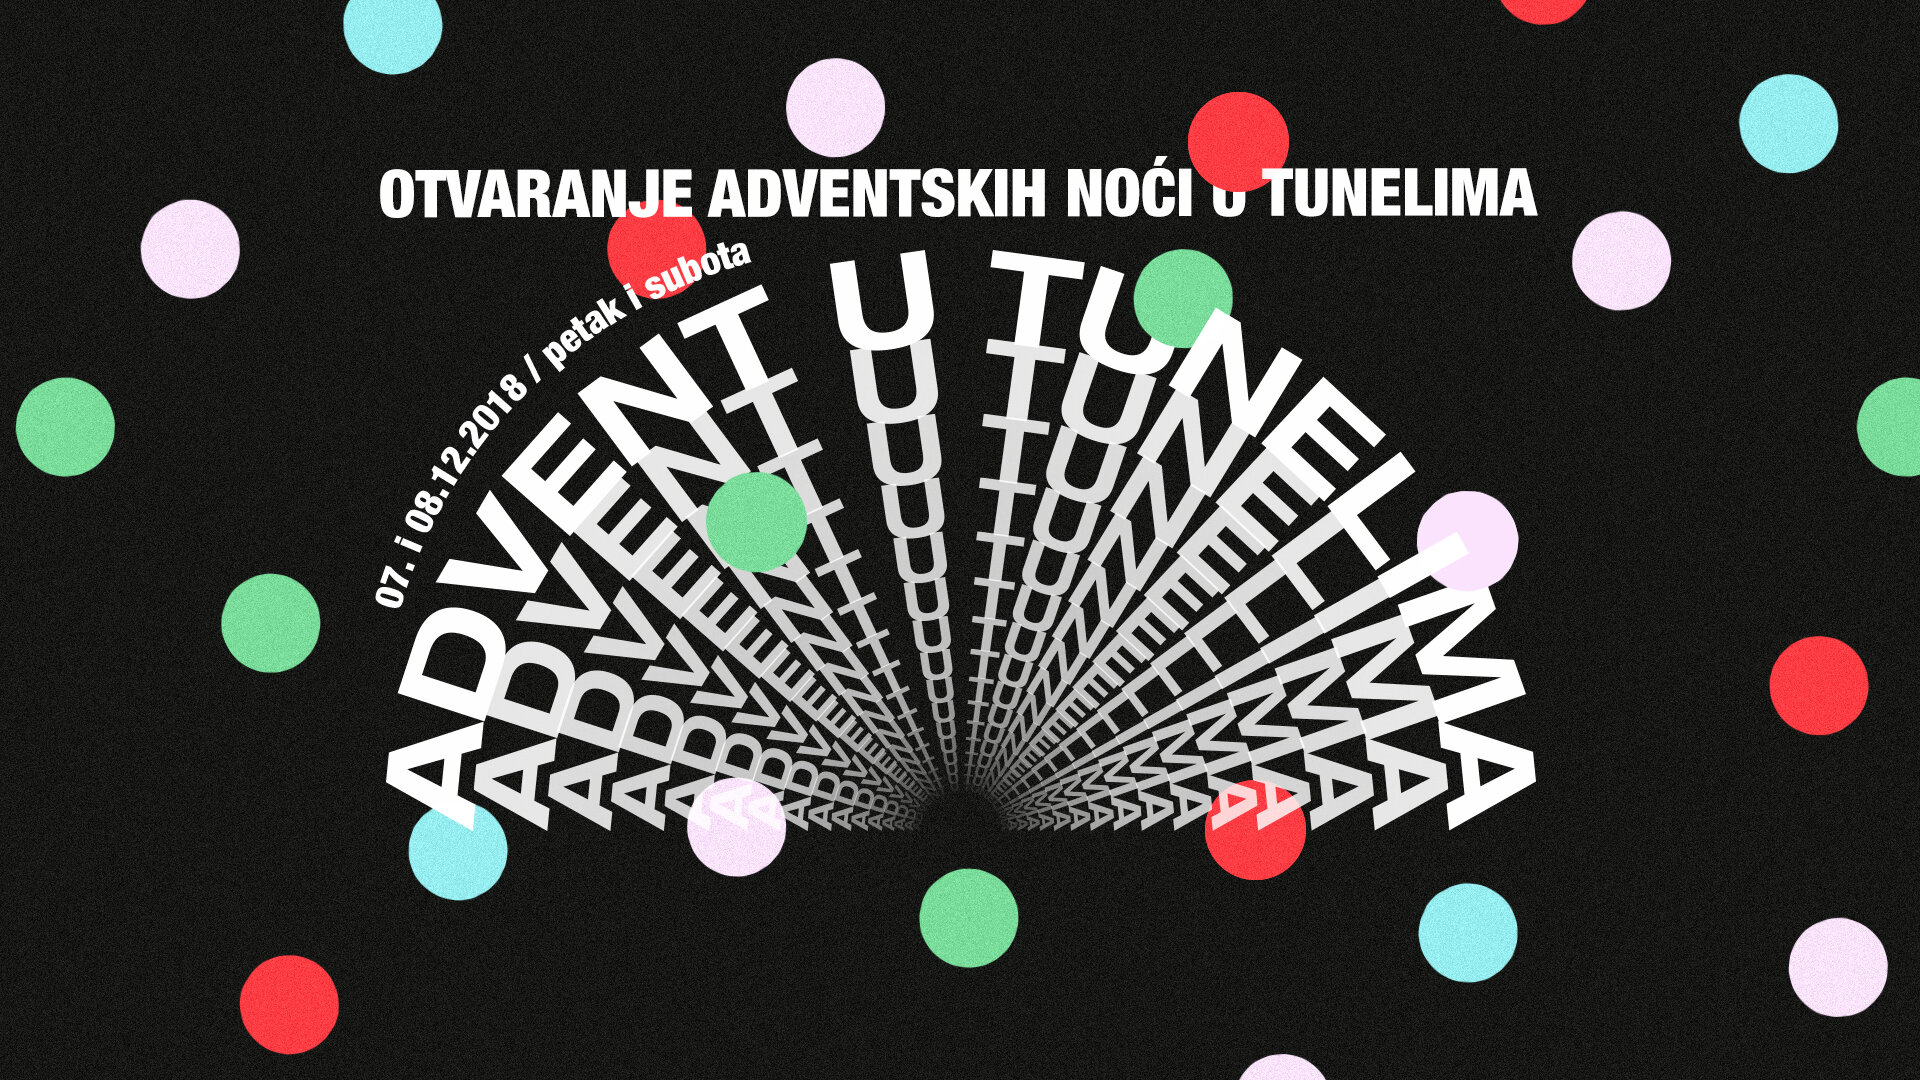 tunel-advent-otvaranje-adventskih-noci.jpg